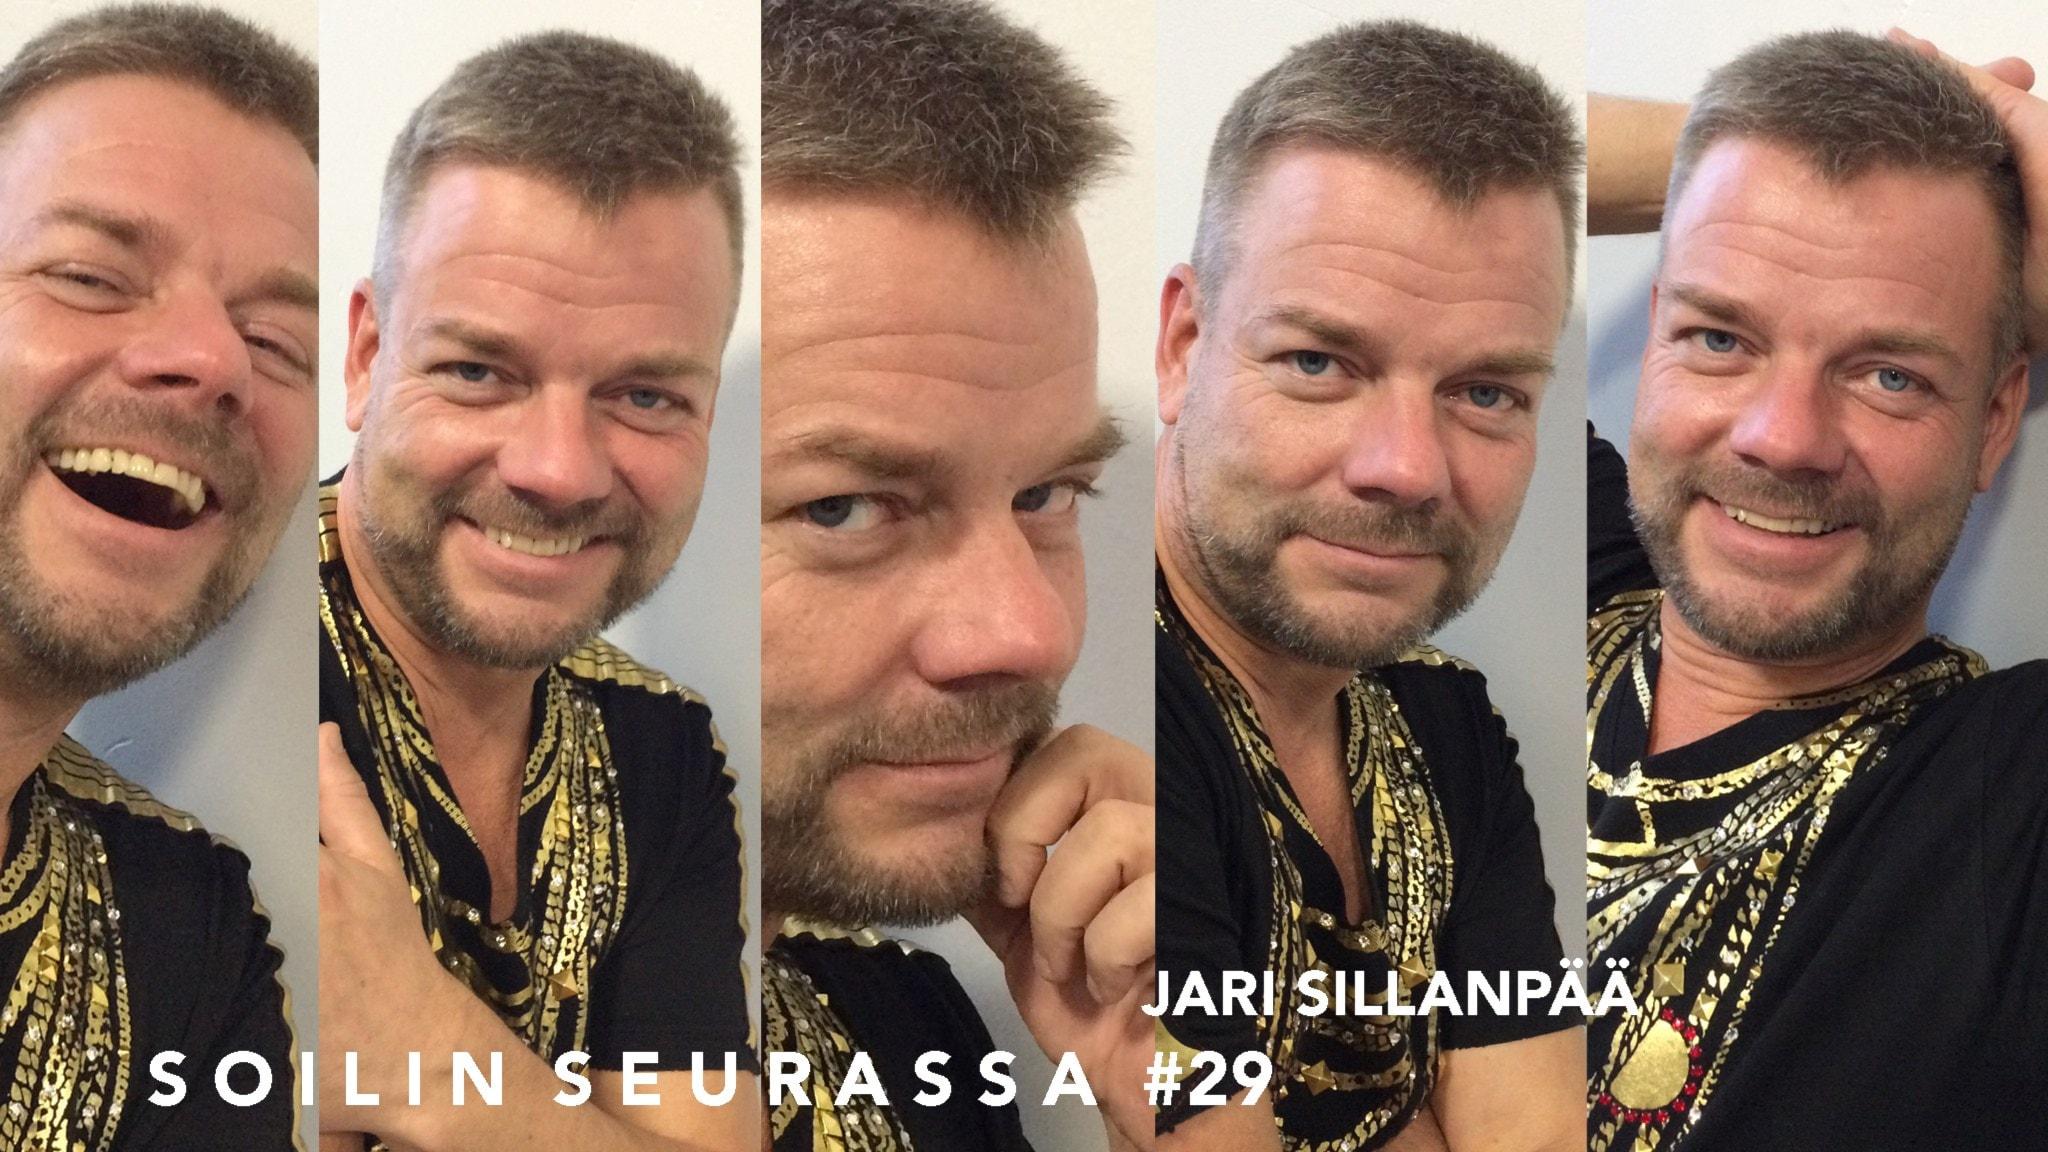 Soilin seurassa Jari Sillanpää